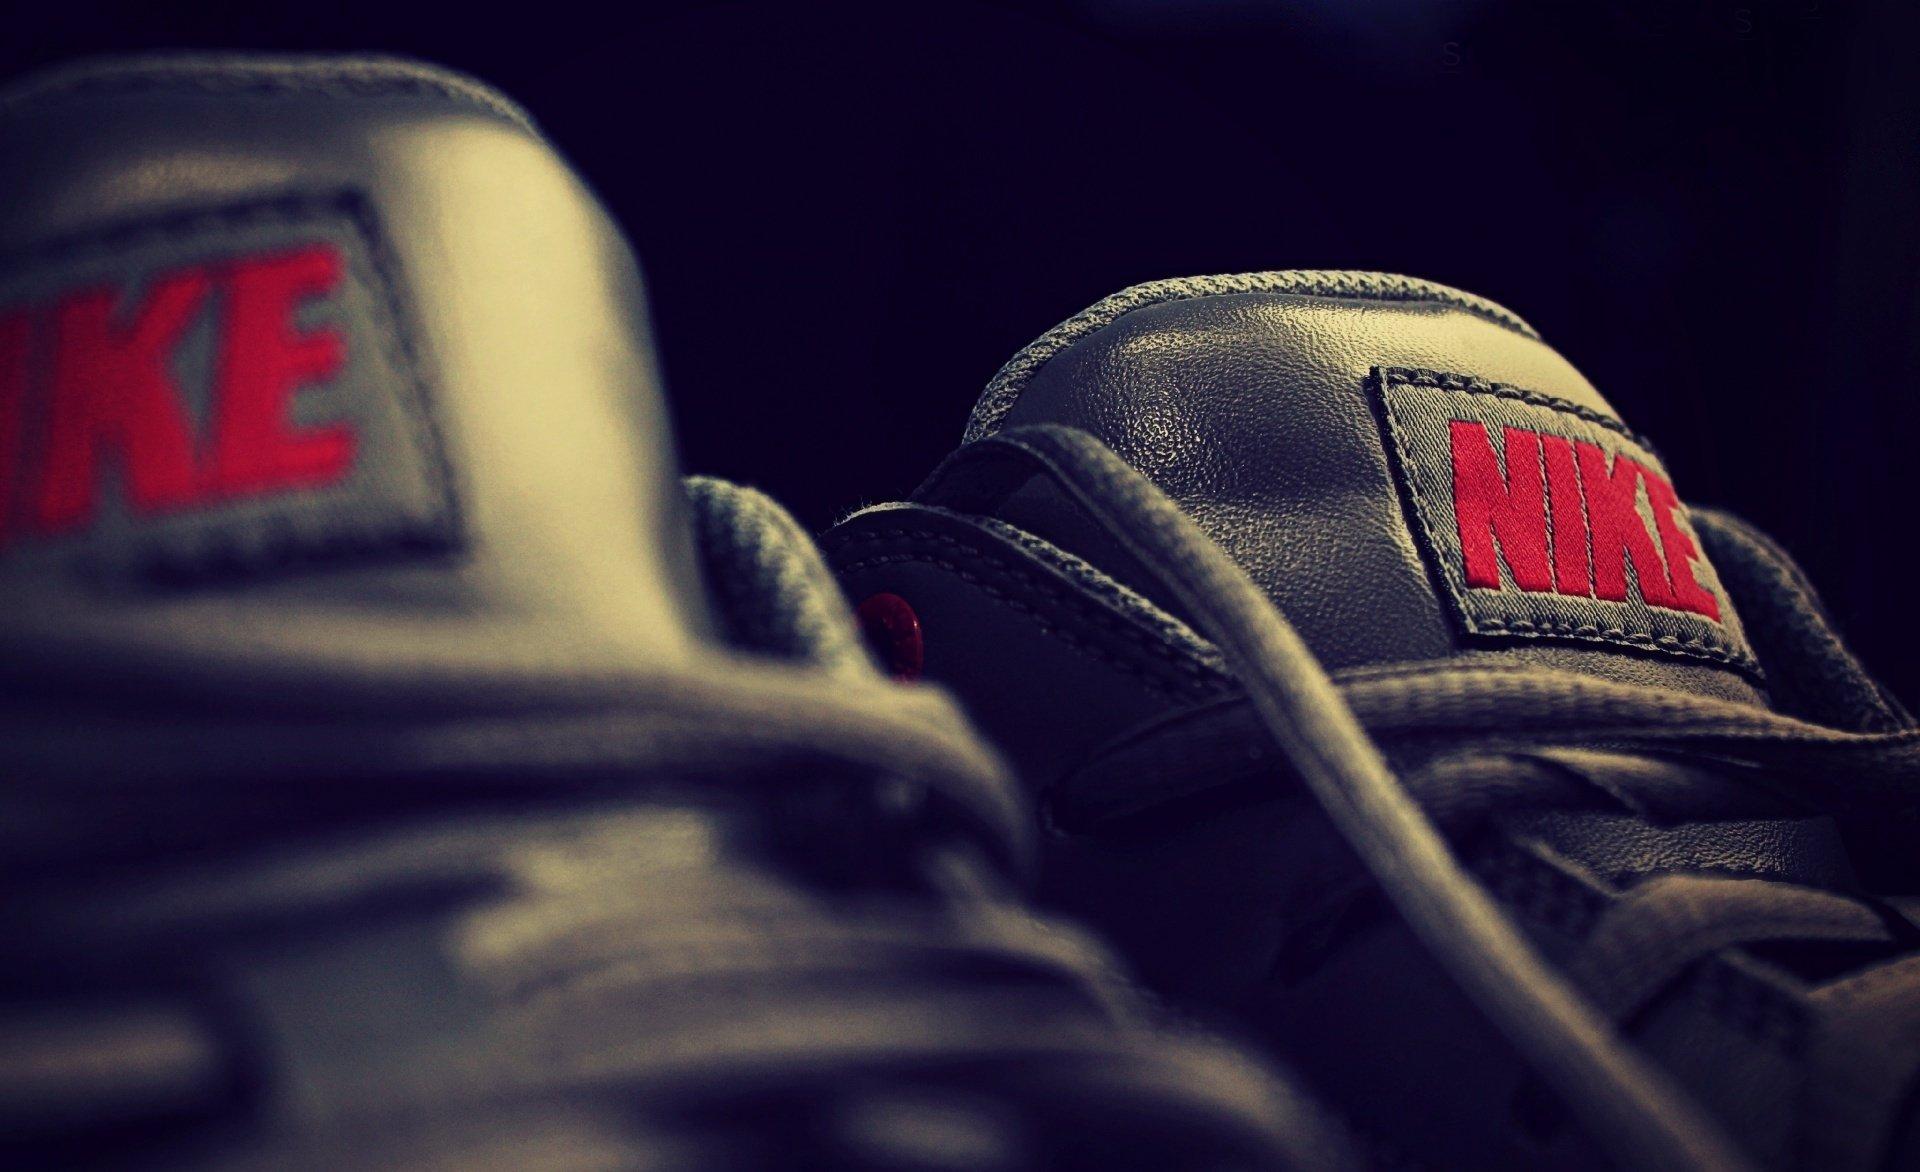 Nike Sneakers Hd обои фон 1920x1172 Id 671409